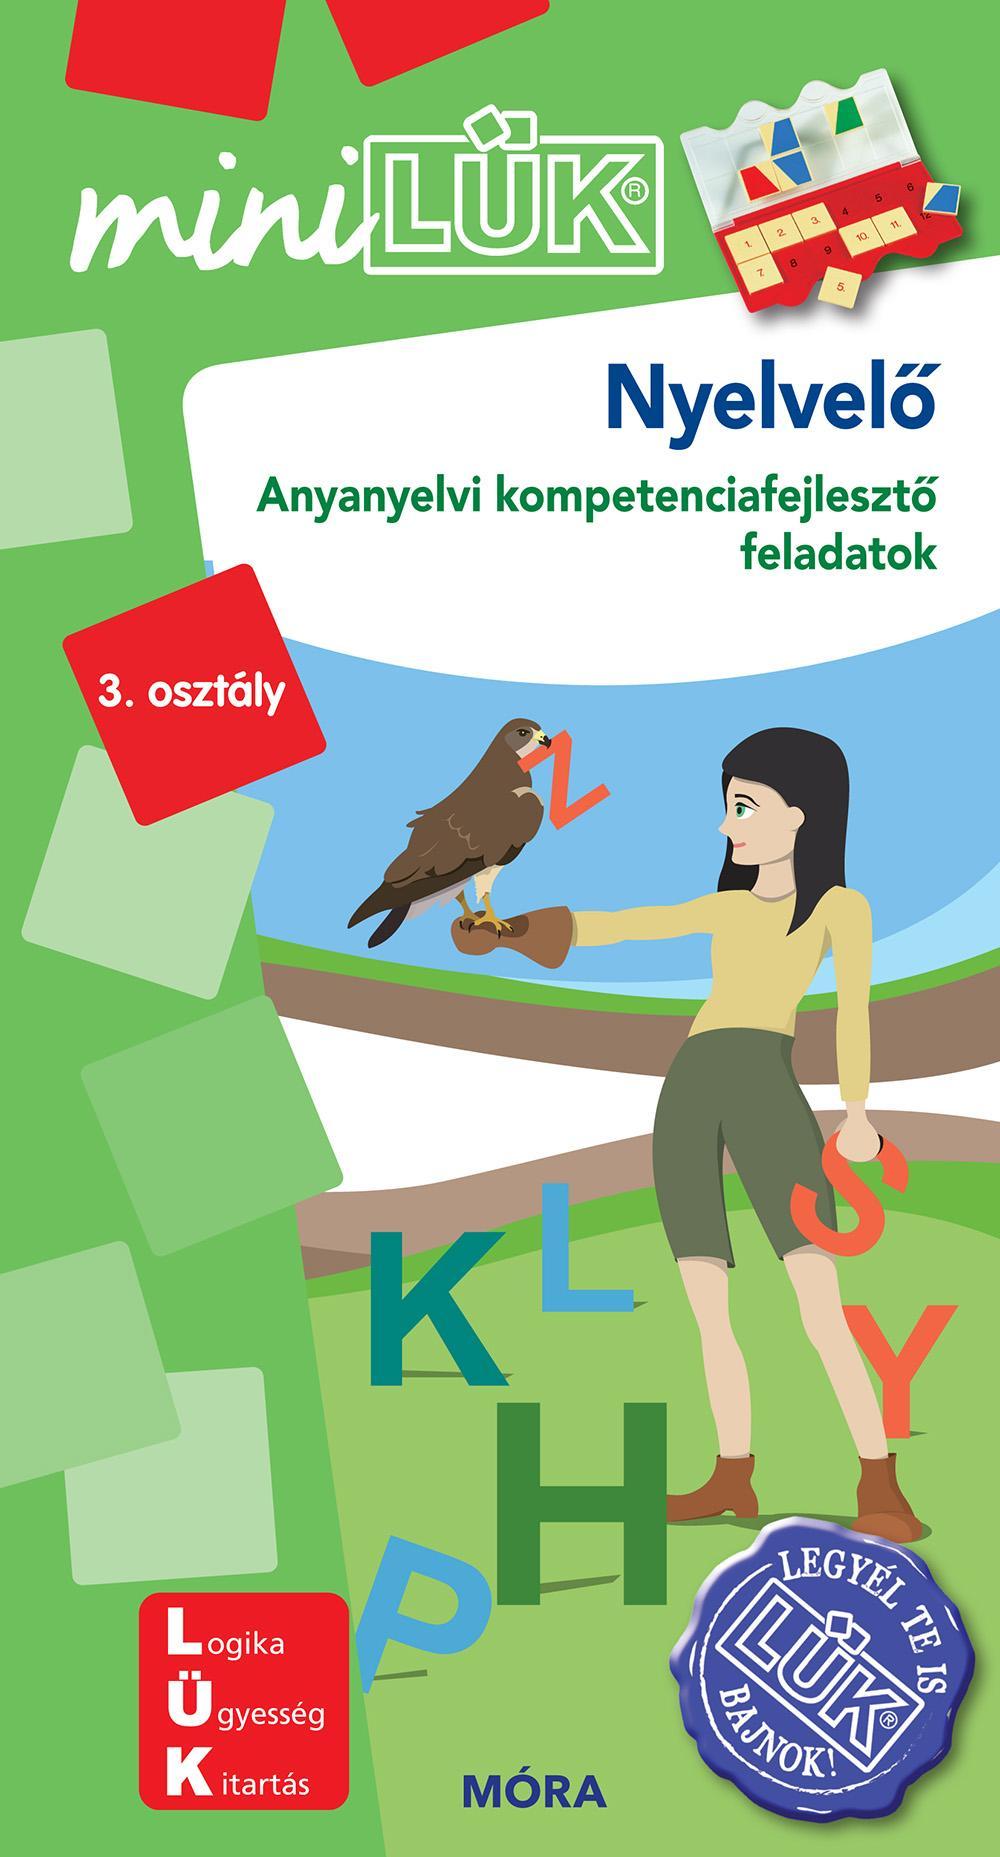 NYELVELÕ - ANYANYELVI KOMPETENCIAFEJLESZTÕ FELADATOK 3. OSZT. - MINILÜK